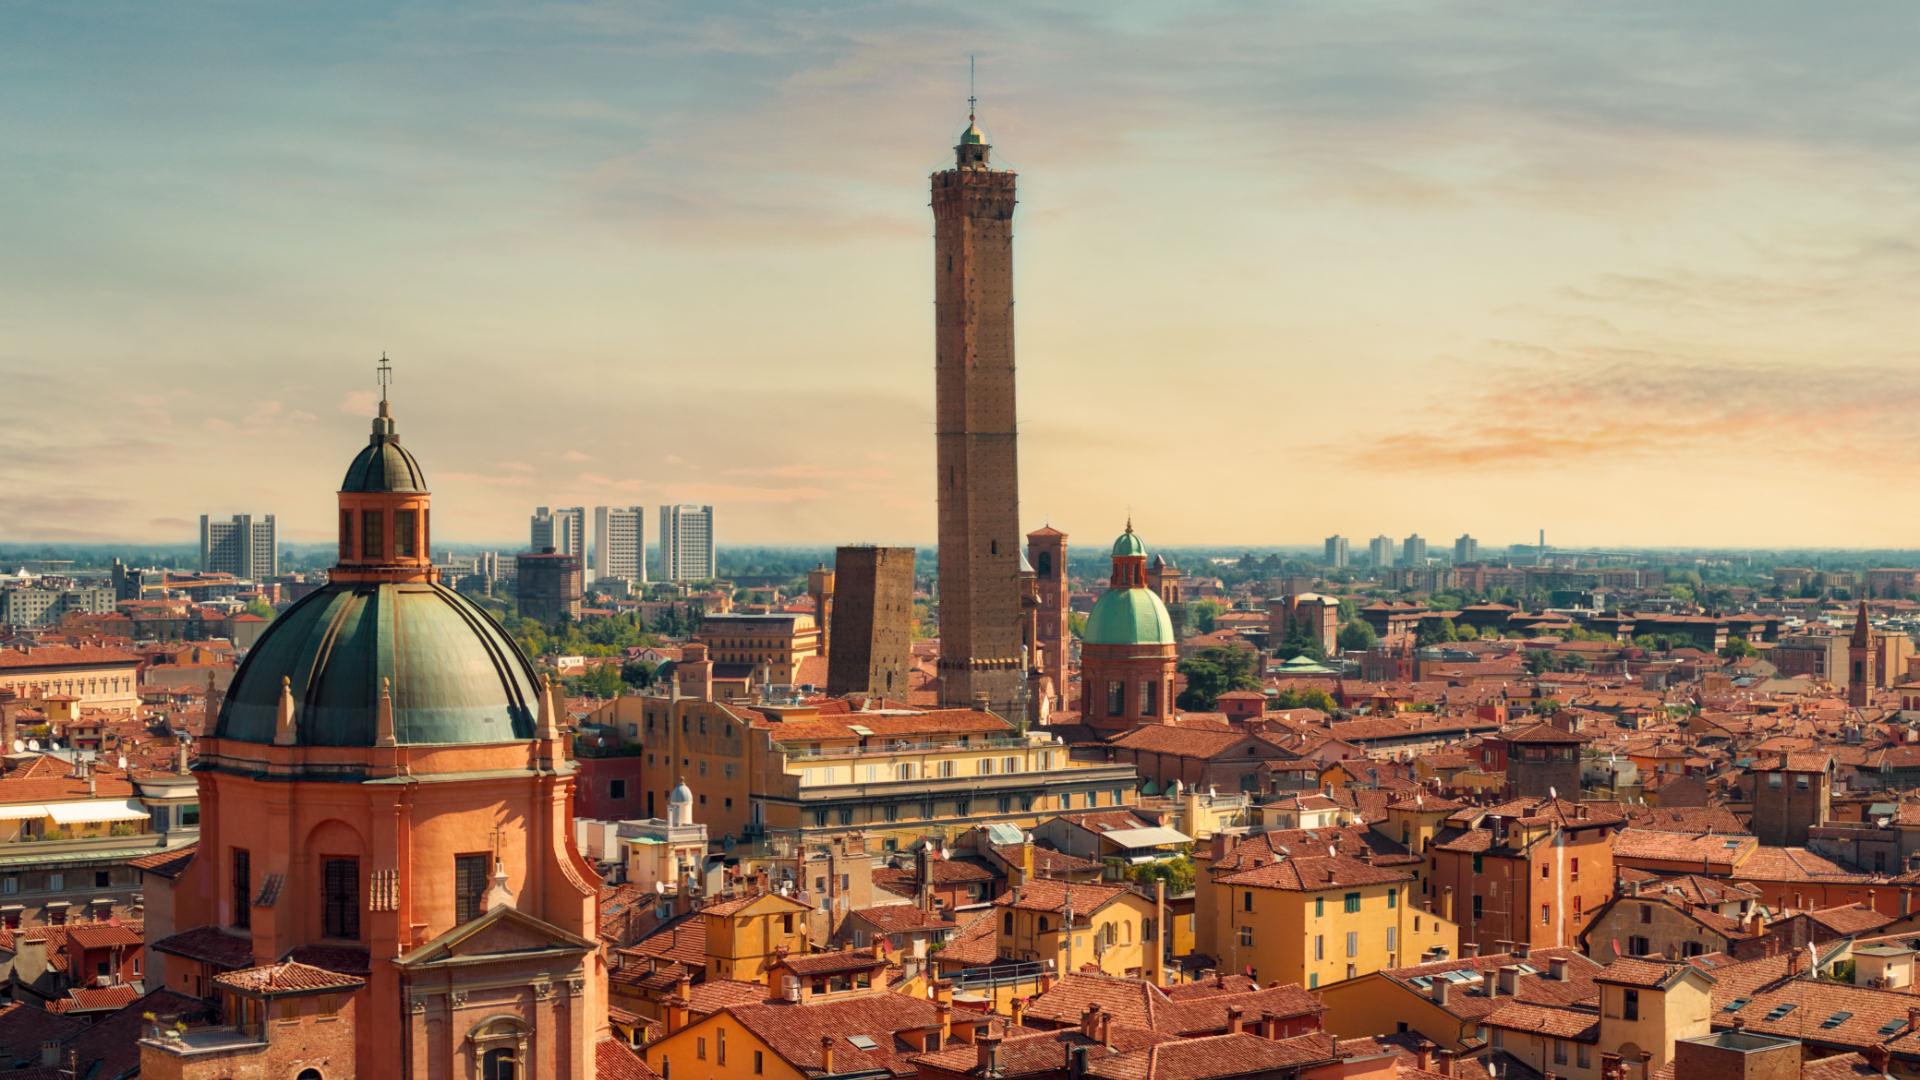 Kızıl Işıltısıyla Tarihten Göz Kırpan Şehir: Bologna